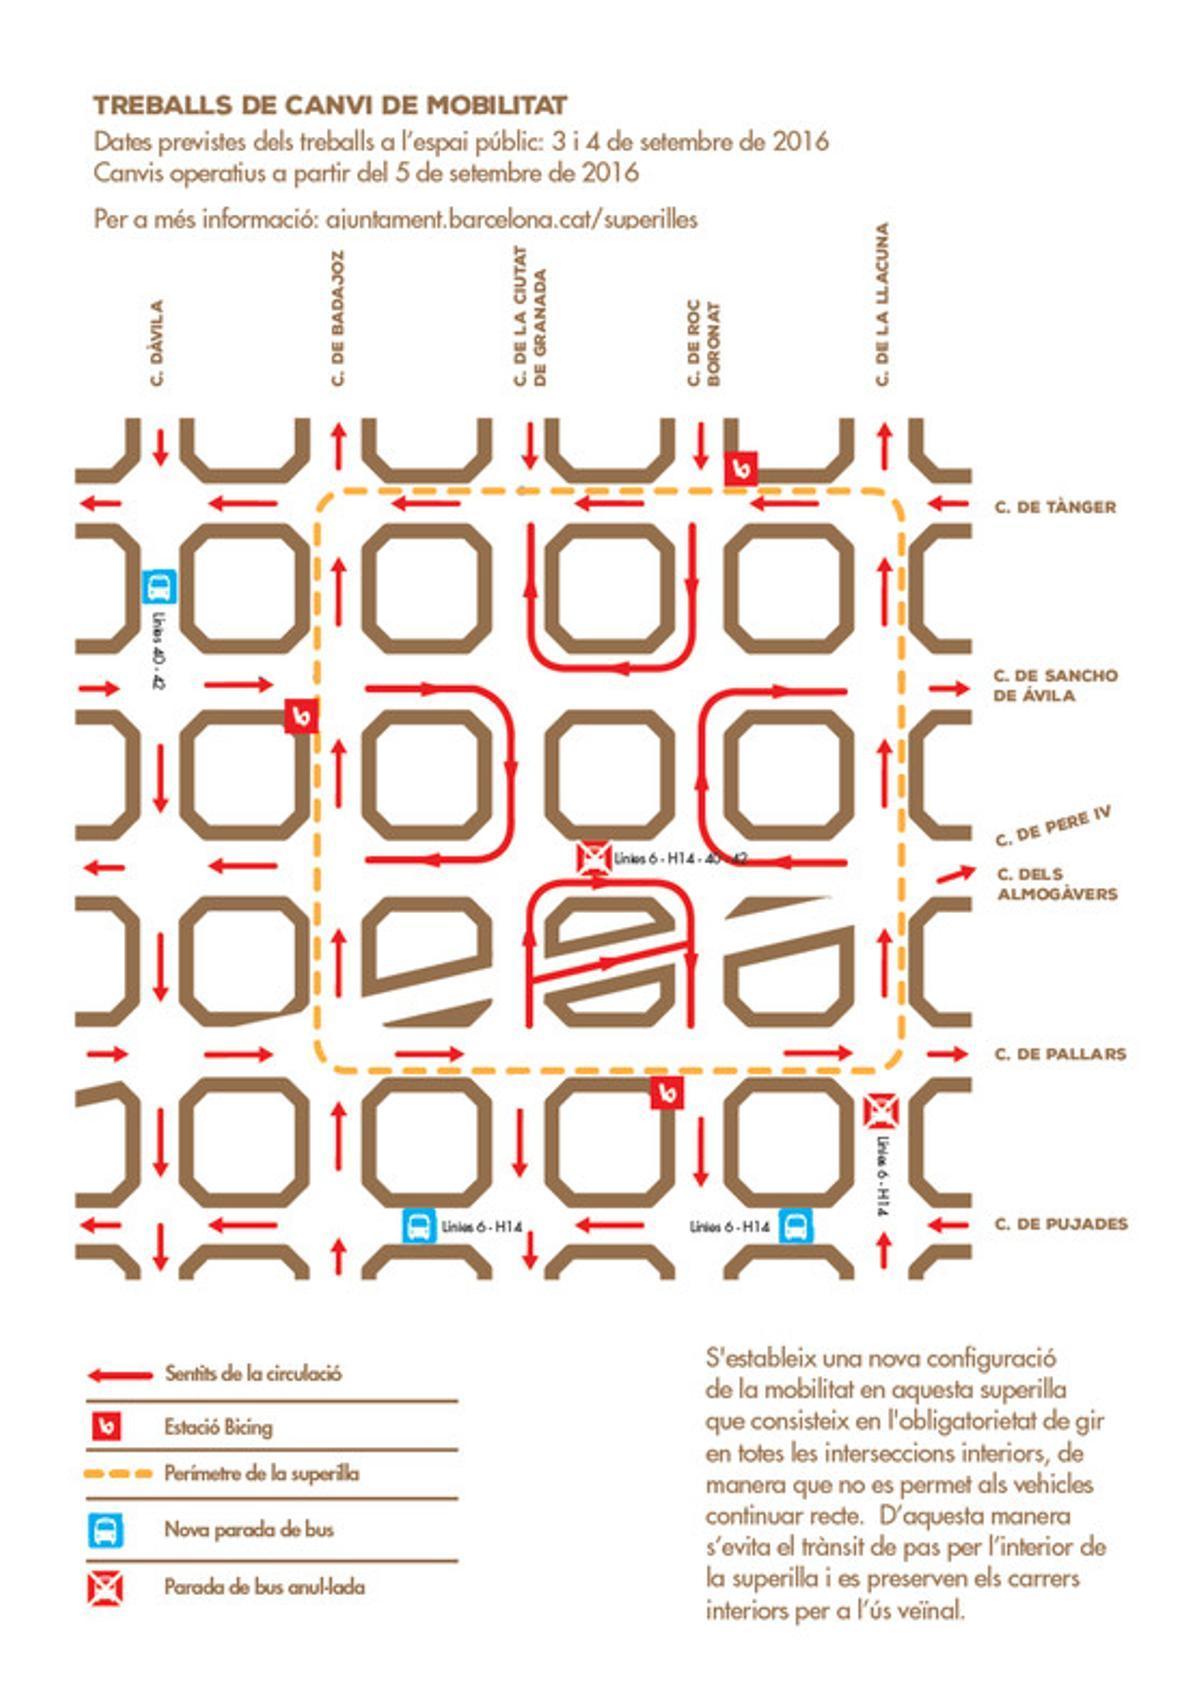 Cambios en la movilidad de los coches que se aplicarán en la 'superilla' de Poblenou.